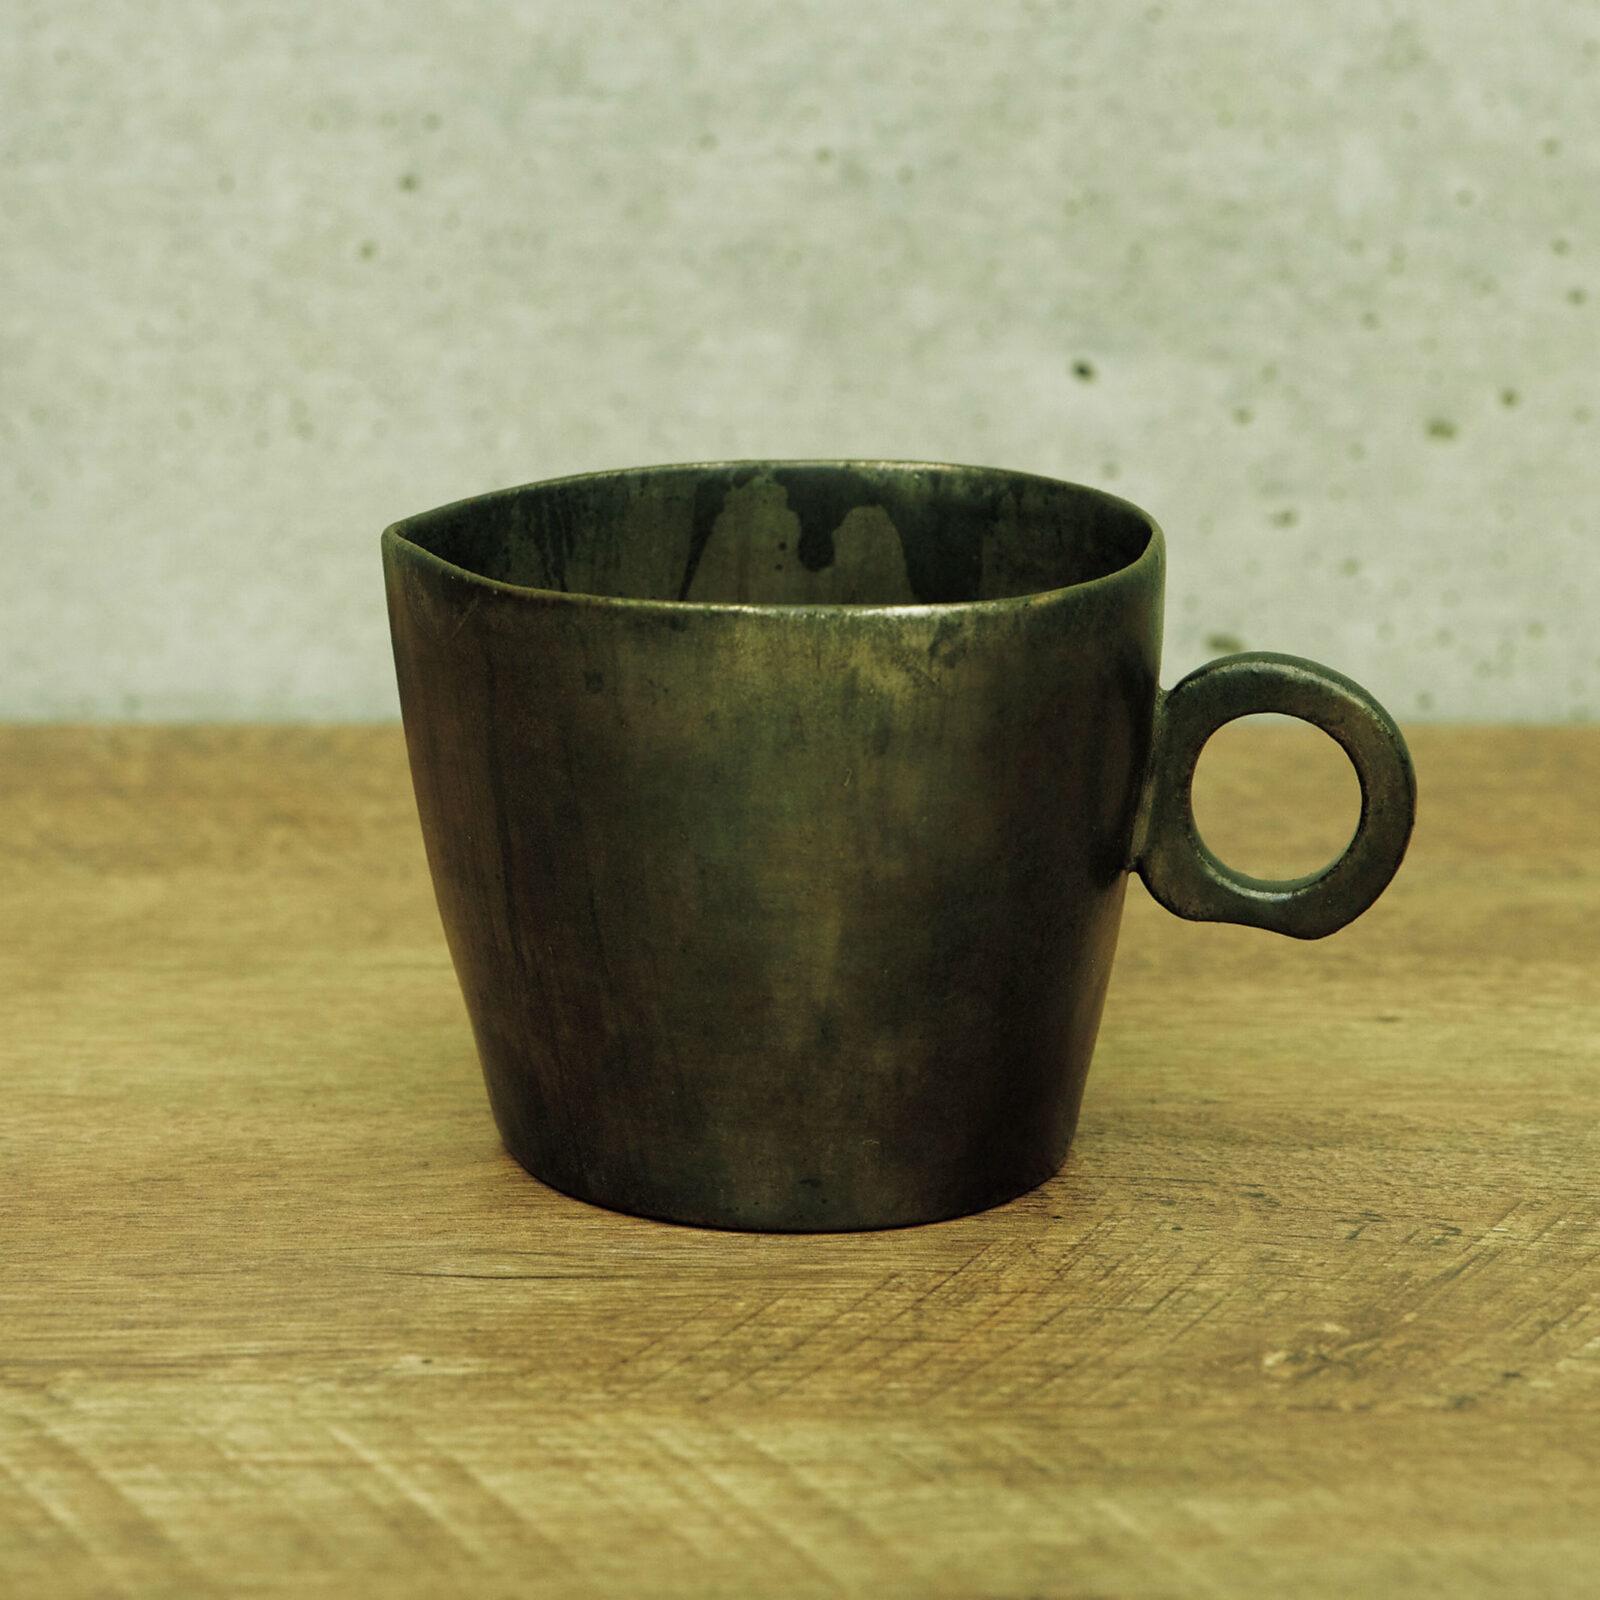 諏訪 敦(画家)安藤雅信さんの銀彩コーヒーシリーズです。もともとエスプレッソ派だったのに、ある時期からミルクコーヒーが好きになって、たっぷり入るものを、と探して見つけました。